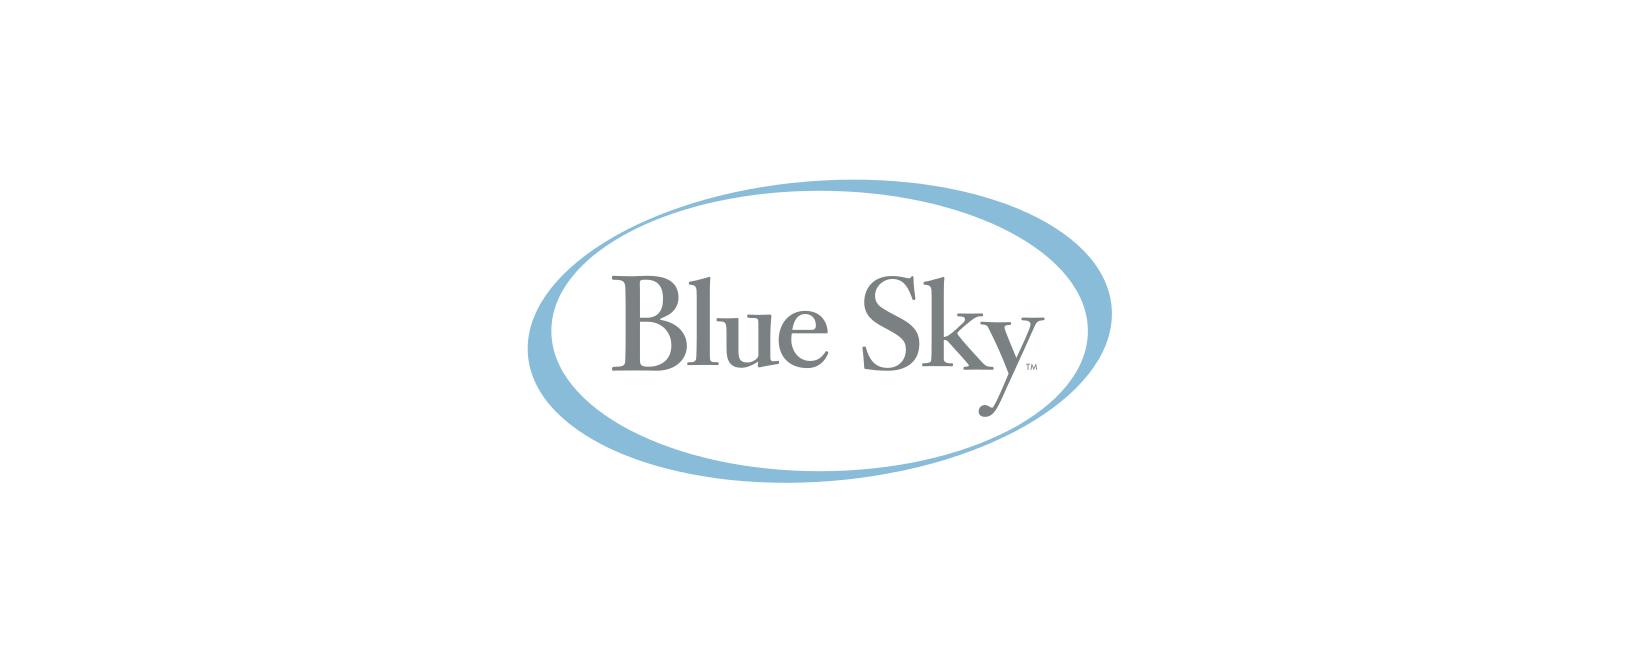 Blue Sky Discount Code 2021